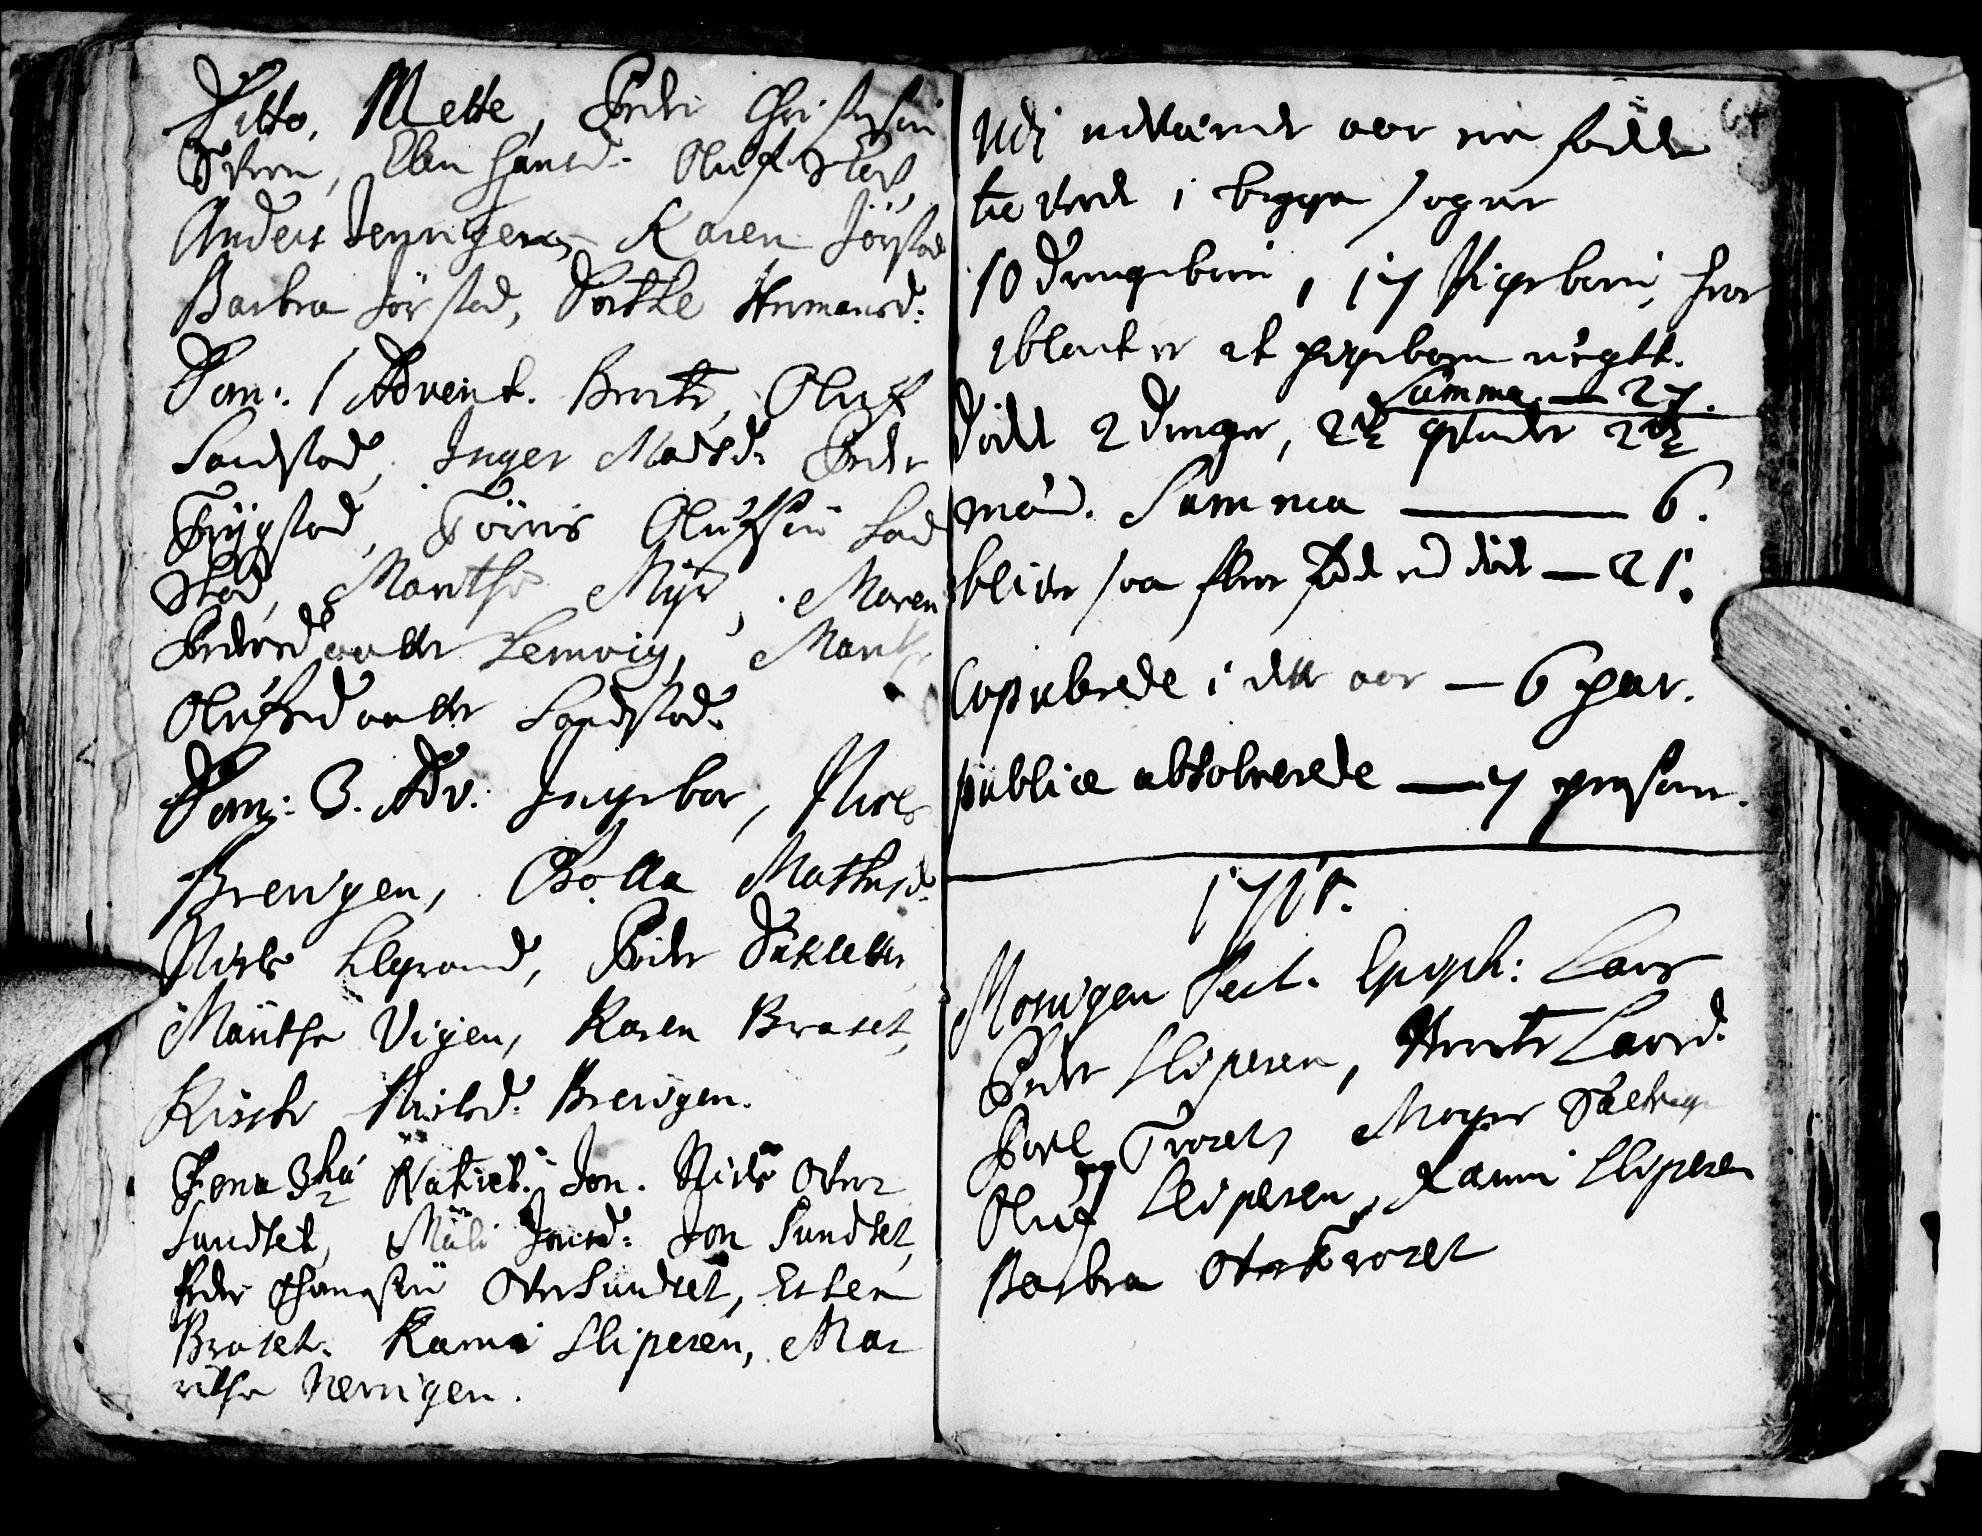 SAT, Ministerialprotokoller, klokkerbøker og fødselsregistre - Nord-Trøndelag, 722/L0214: Ministerialbok nr. 722A01, 1692-1718, s. 64